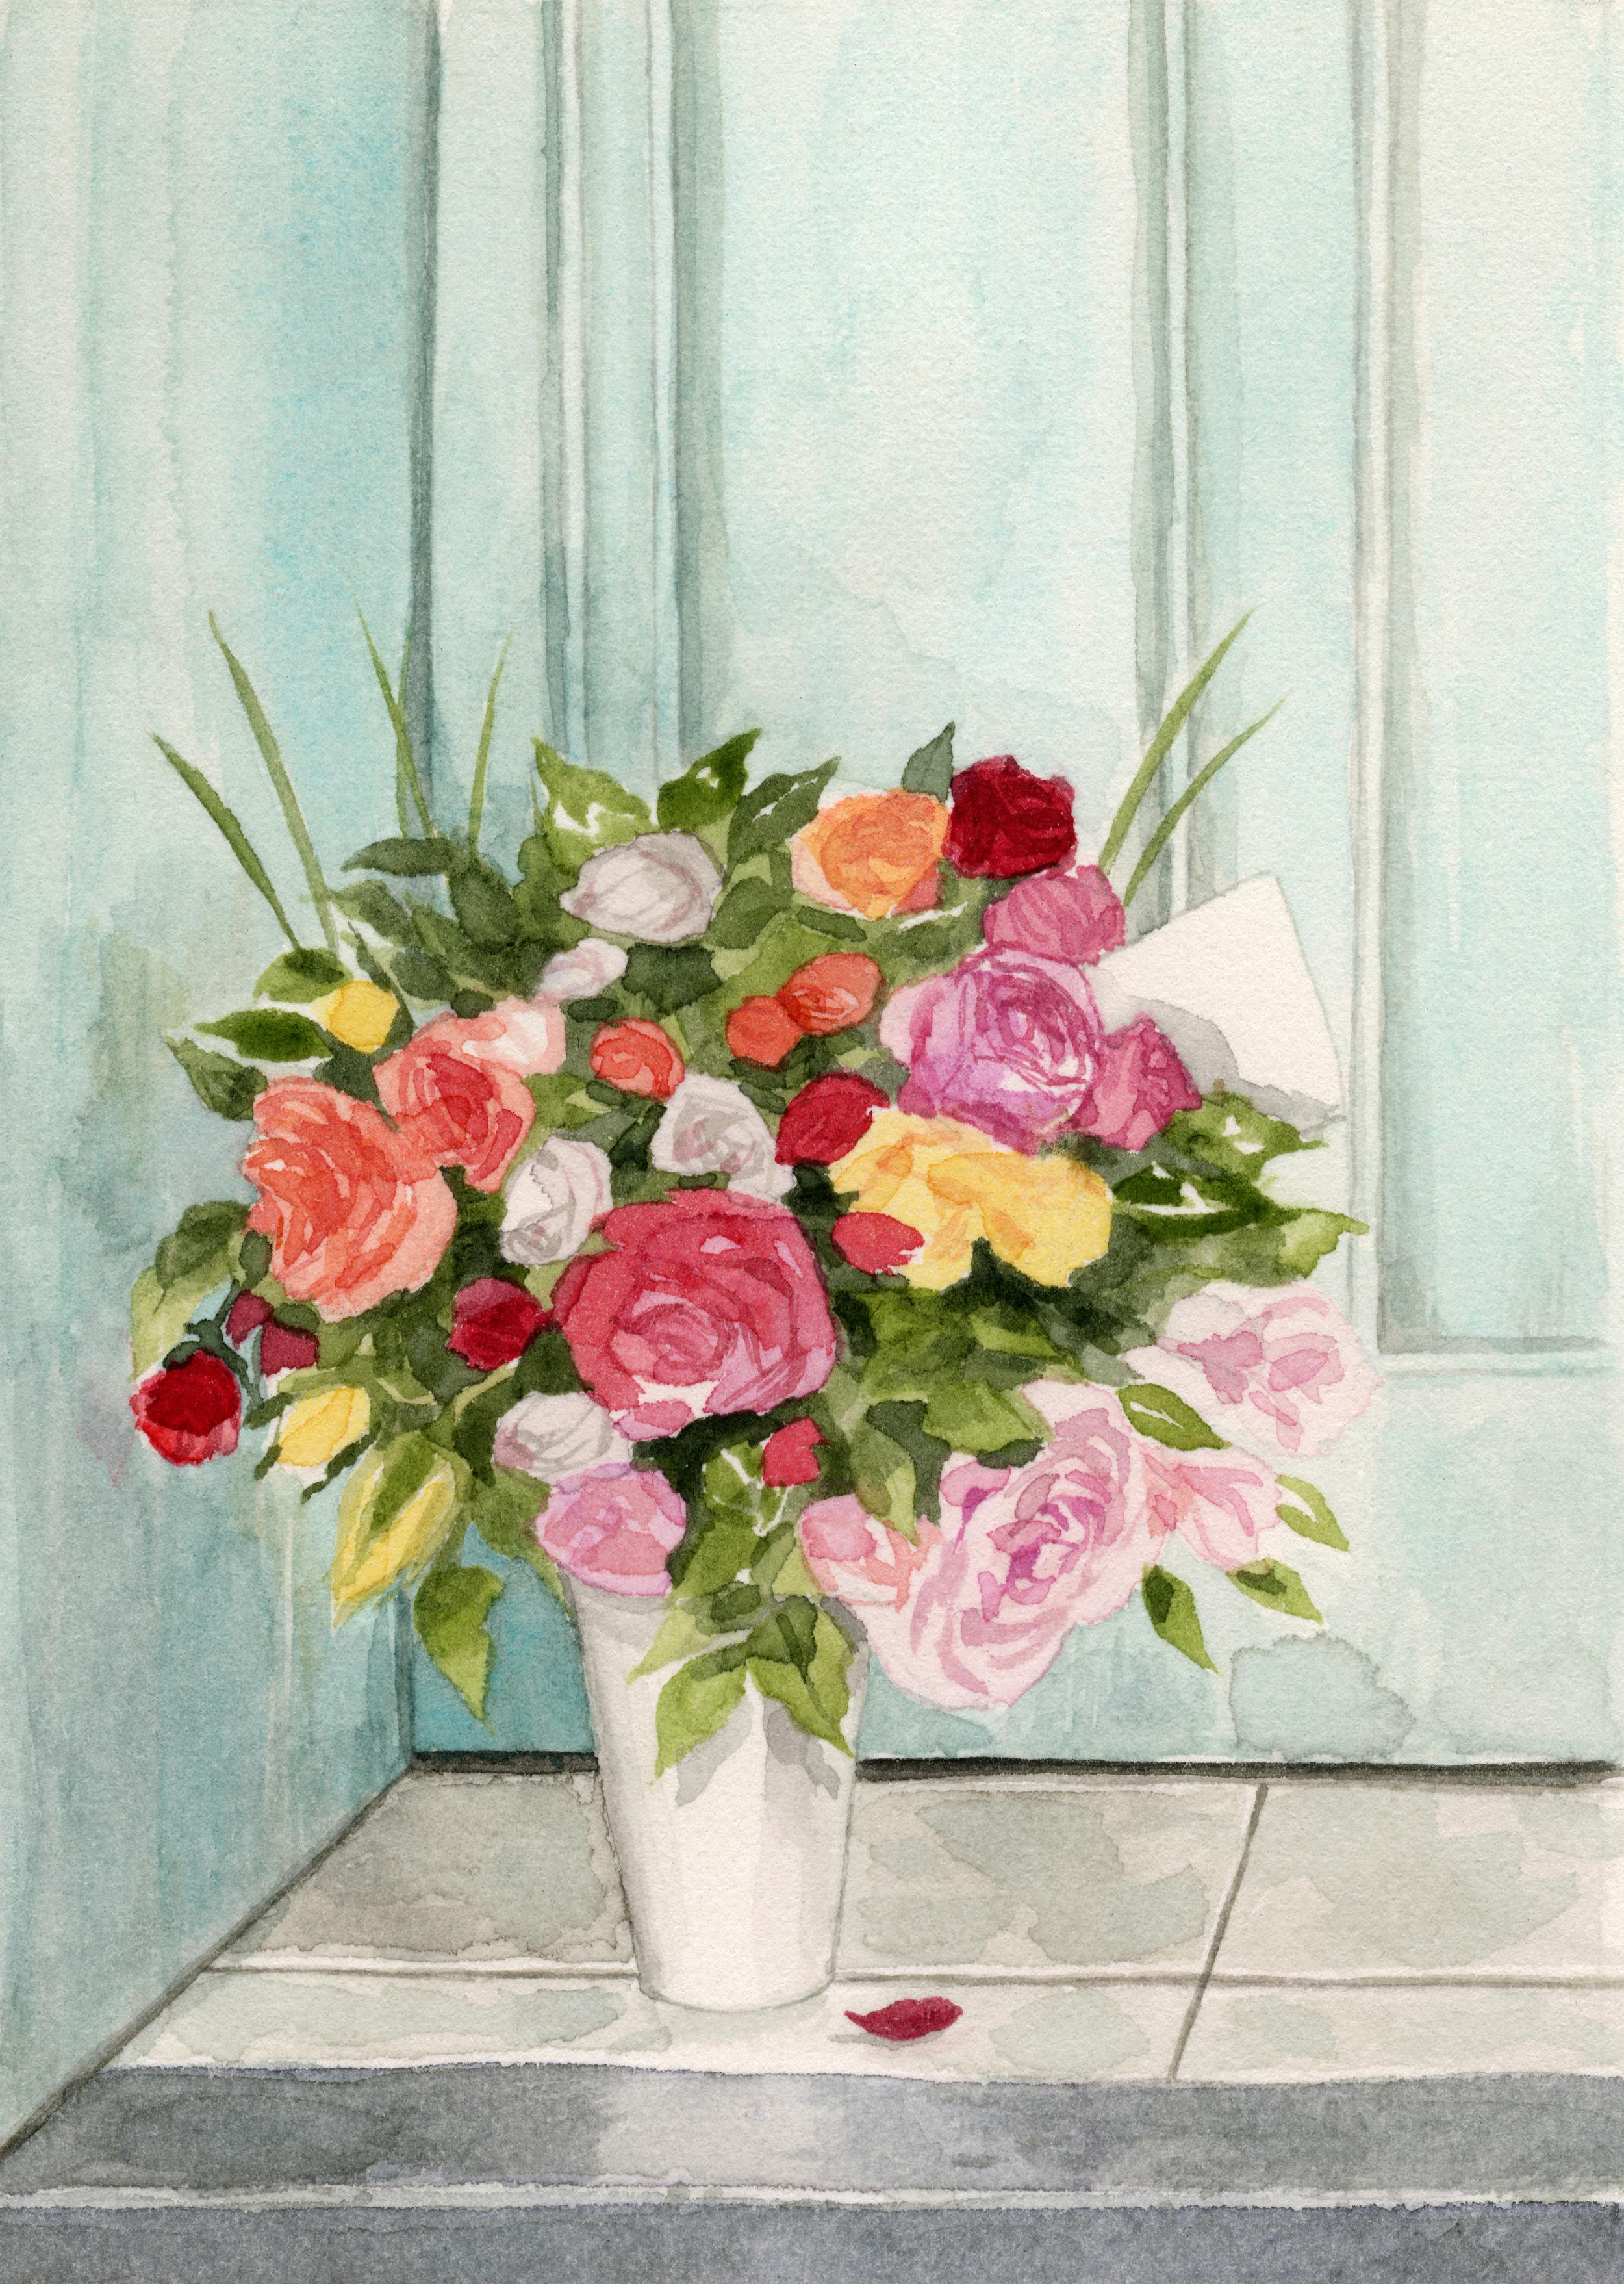 bouquet-web.jpg